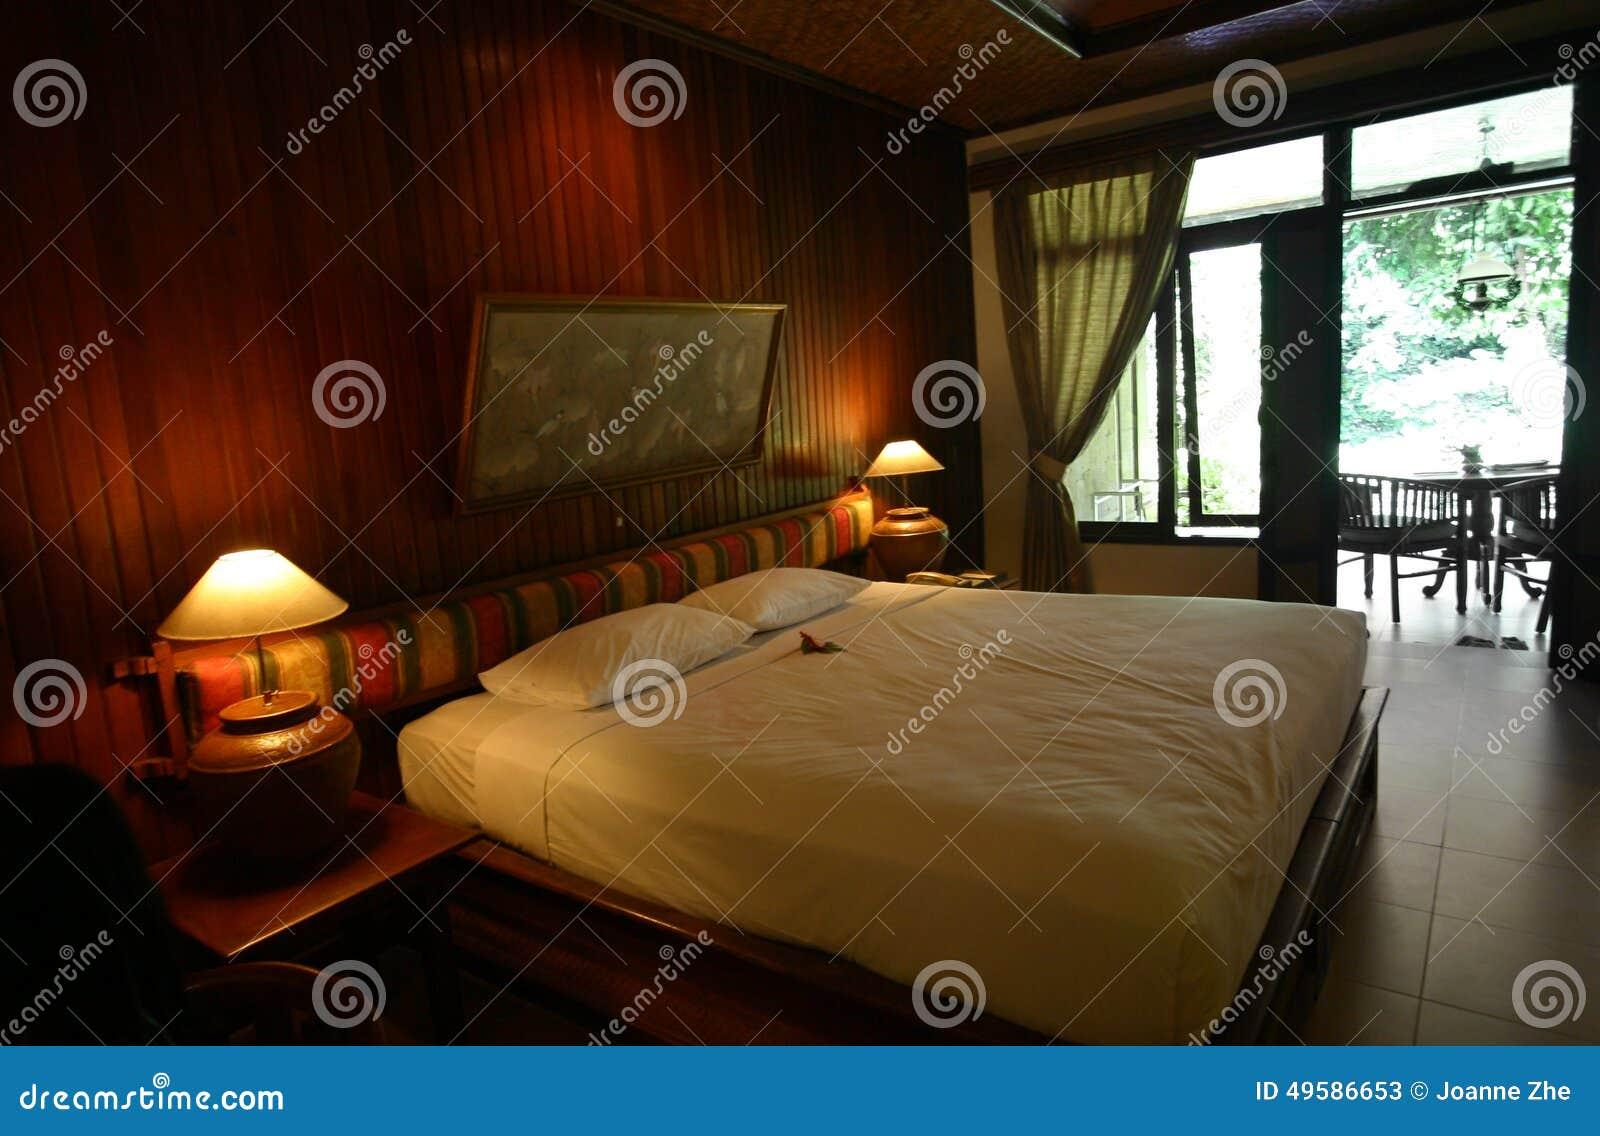 Piccola da letto Camera decorazione : Decorazione Di Camera Da Letto : Traditional Balinese Bedroom